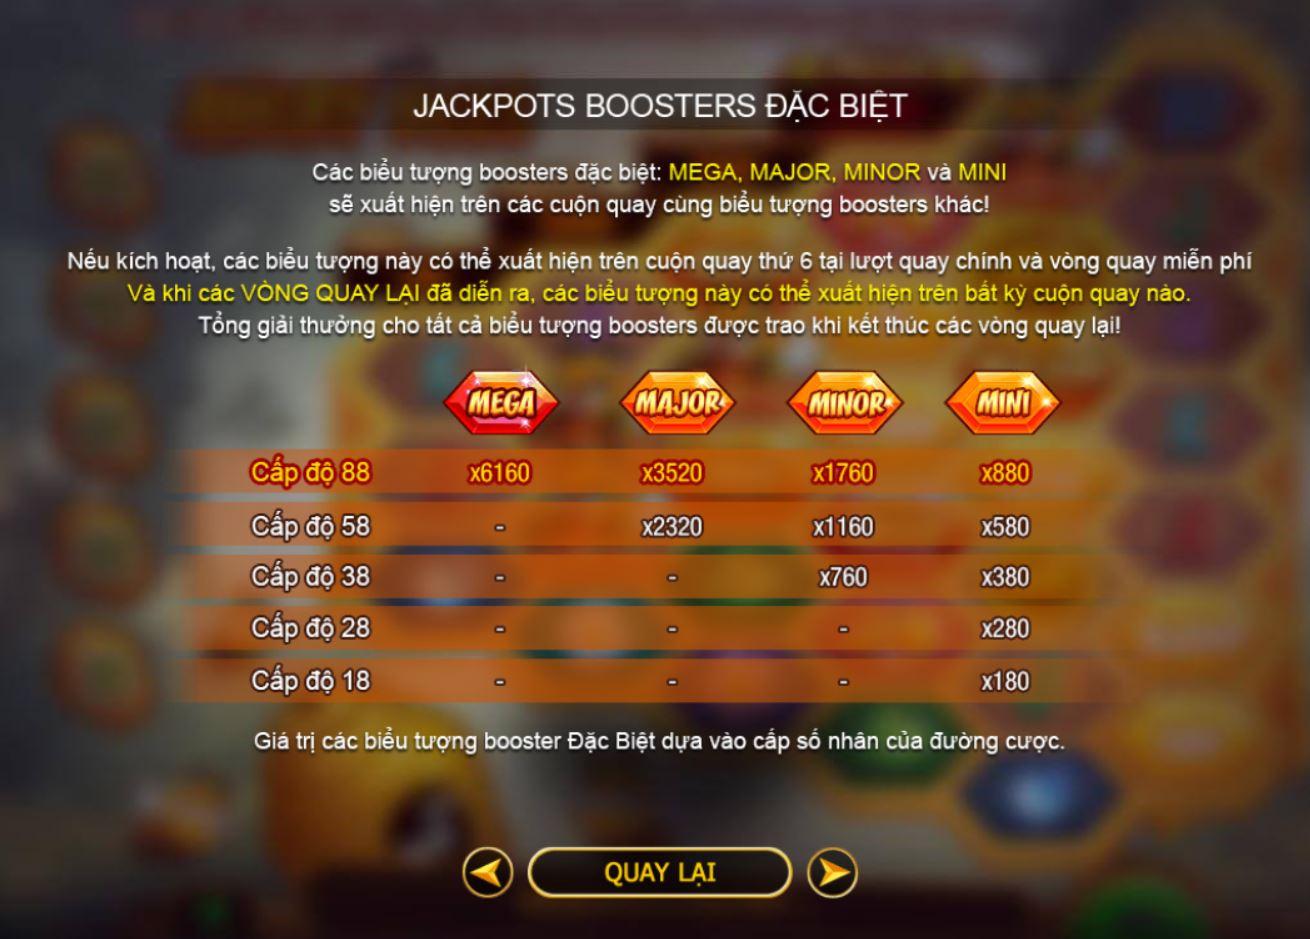 Bảng thưởng quy đổi cho các bootsters đặc biệt